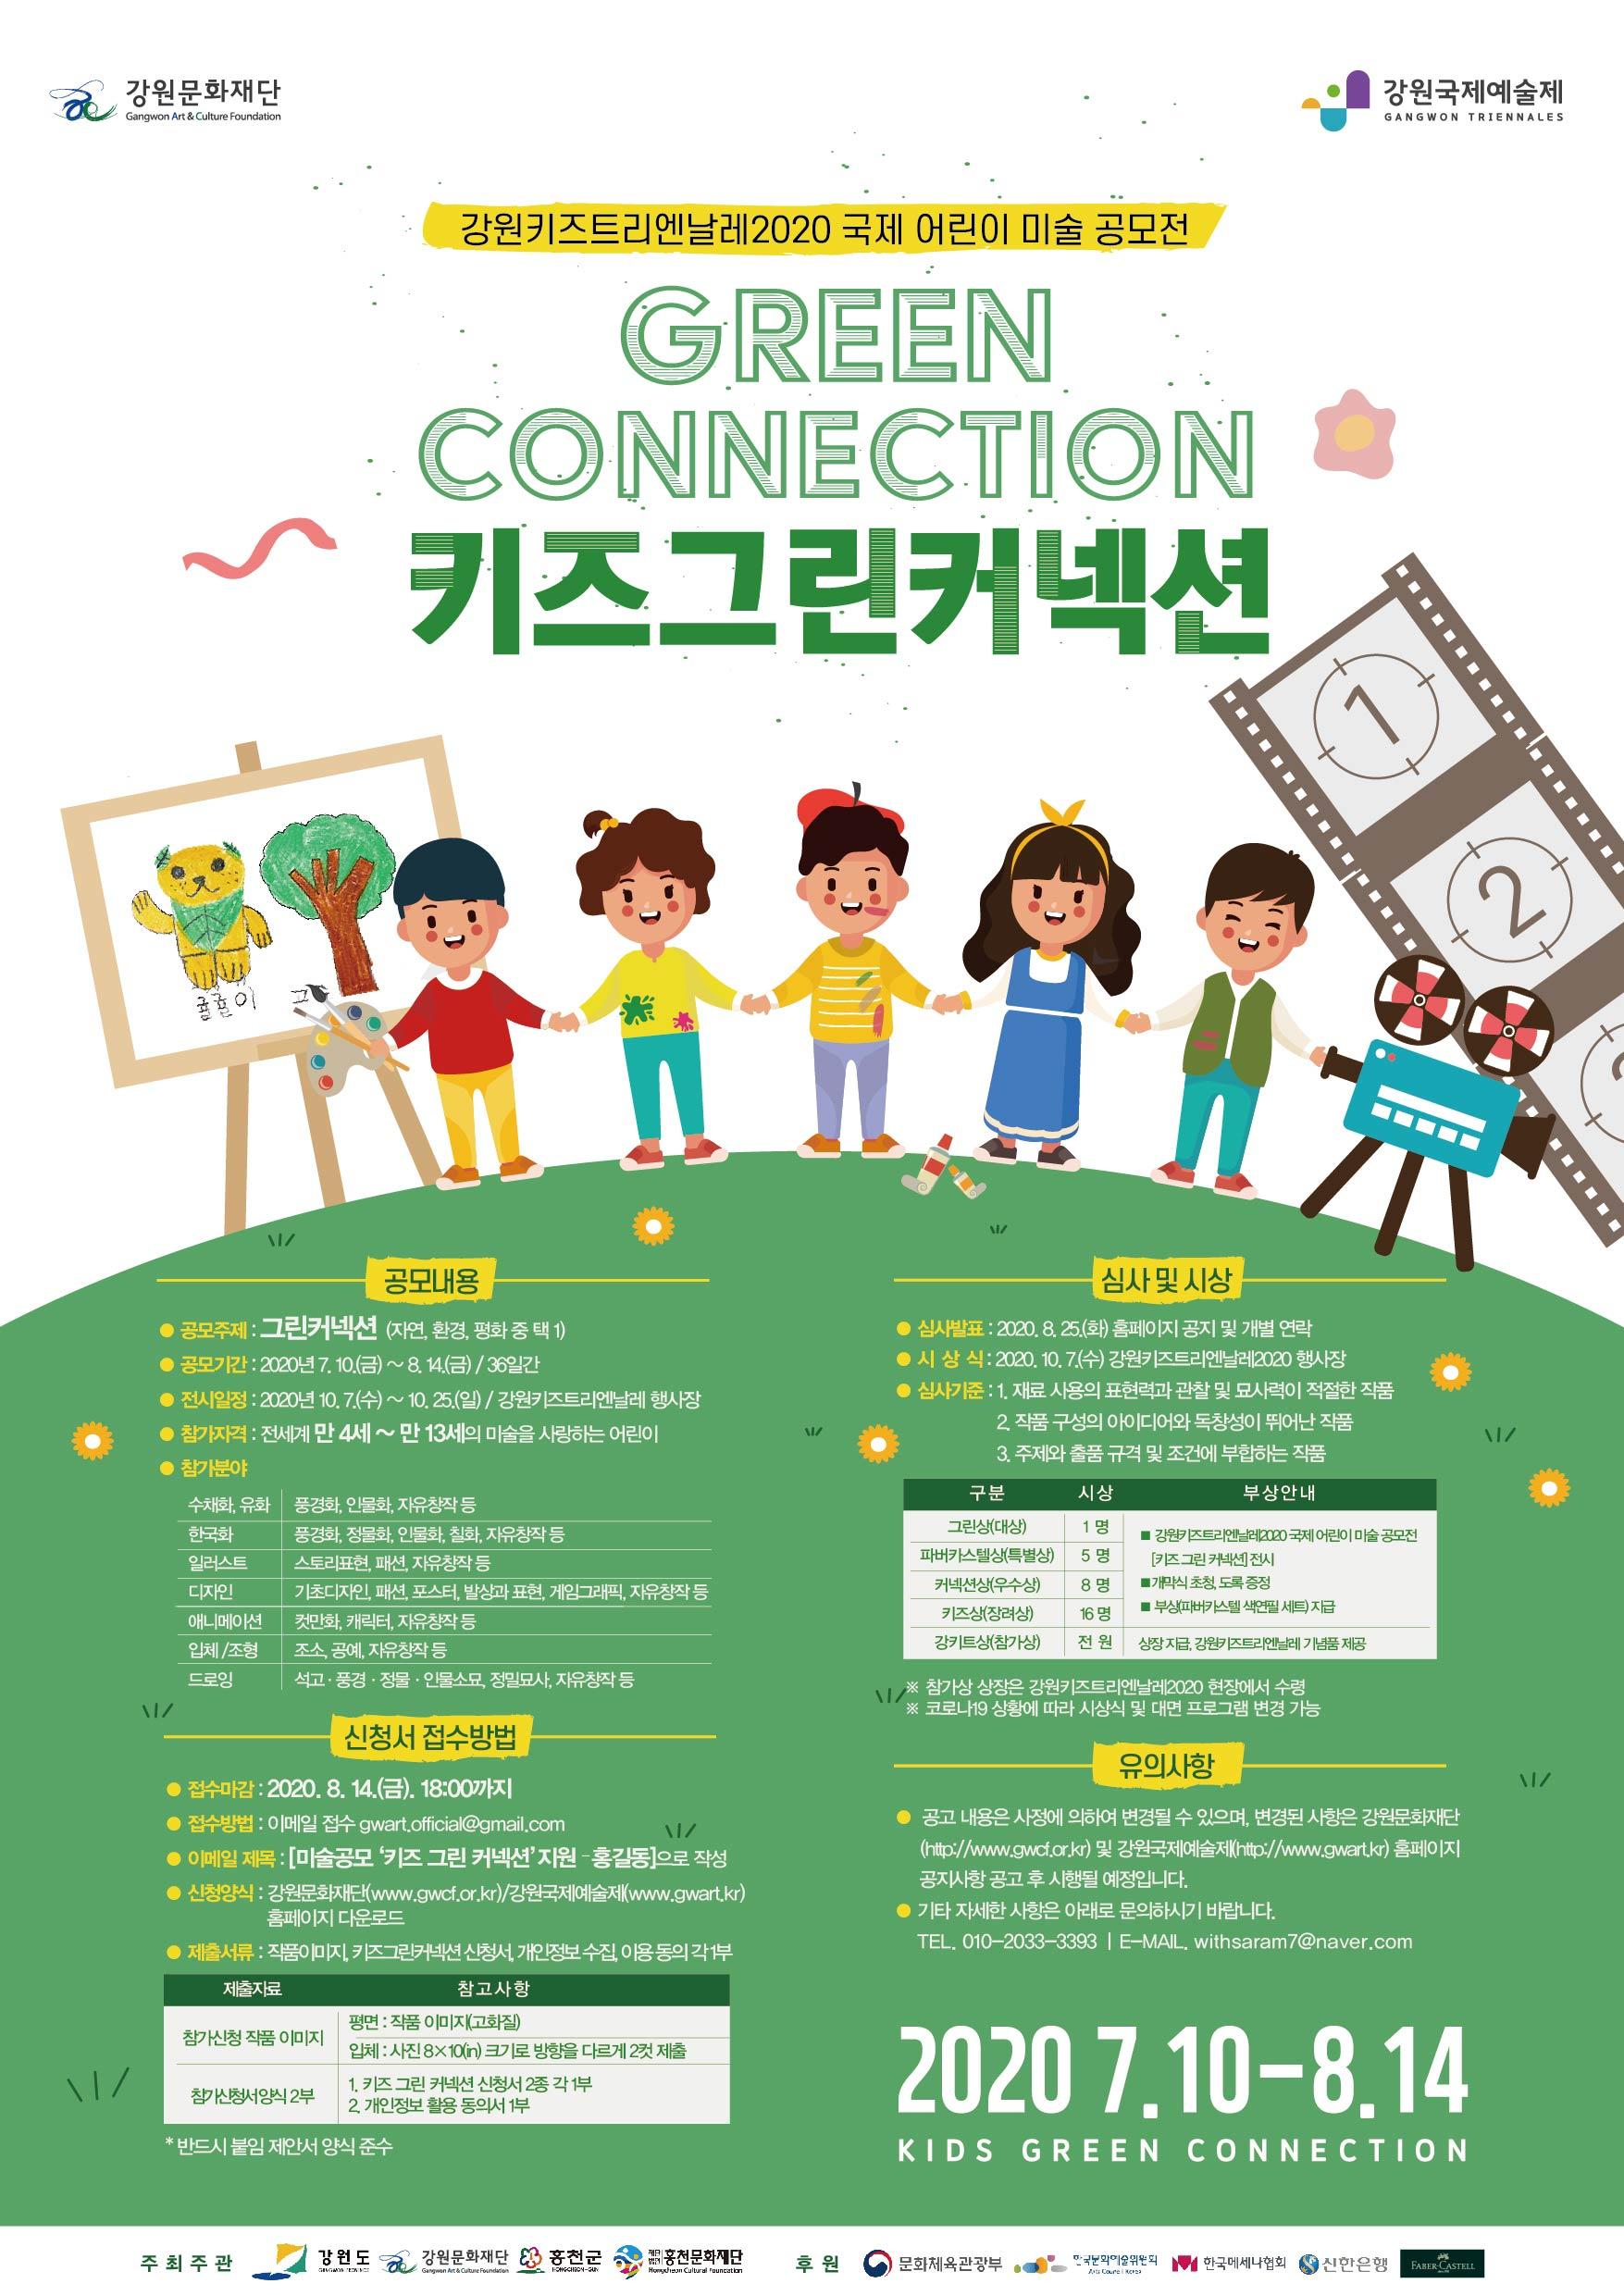 강원키즈트리엔날레2020 국제 어린이 미술 공모전